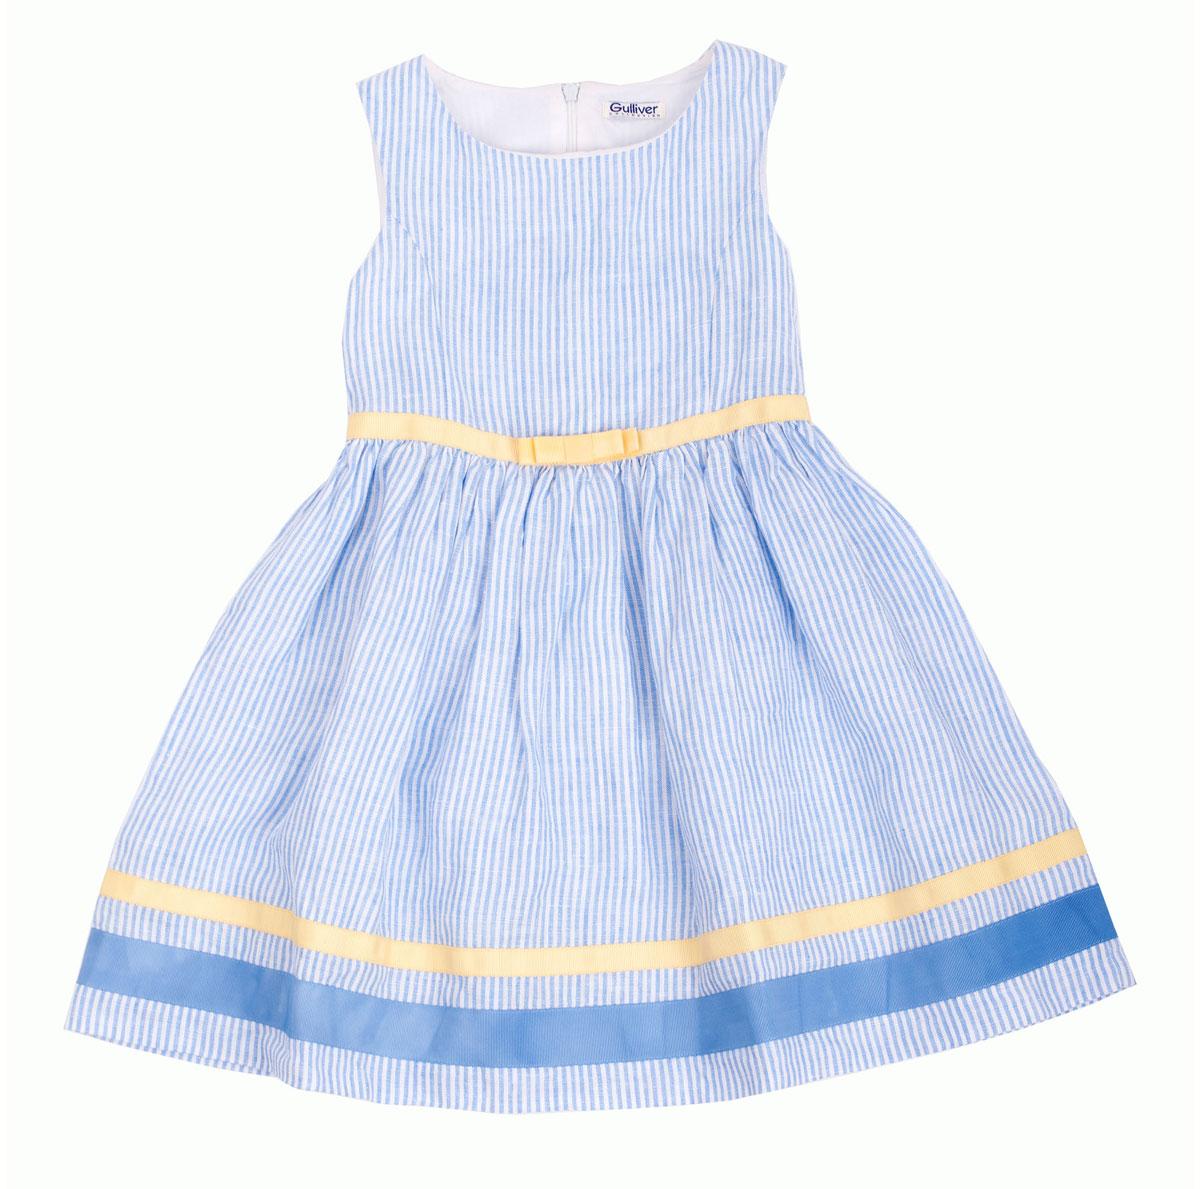 Платье для девочки Голубая стрекоза. 11602GMC250111602GMC2501Платье для девочки Gulliver Голубая стрекоза станет отличным дополнением к гардеробу вашей модницы. Платье изготовлено из натурального льна, оно легкое, приятное на ощупь, не сковывает движения и позволяет коже дышать, обеспечивая комфорт. Платье с круглым вырезом горловины застегивается на спинке на скрытую молнию, что помогает при переодевании ребенка. От линии талии заложены мелкие складочки, придающие изделию воздушность. Контрастные репсовые бейки в отделке низа и пояс с нежным бантиком делают платье ярким, свежим, запоминающимся элементом образа. Стильное платье идеально подойдет как на каждый день, так и для праздничных мероприятий. В нем каждая девочка почувствует себя настоящей принцессой и всегда будет в центре внимания!